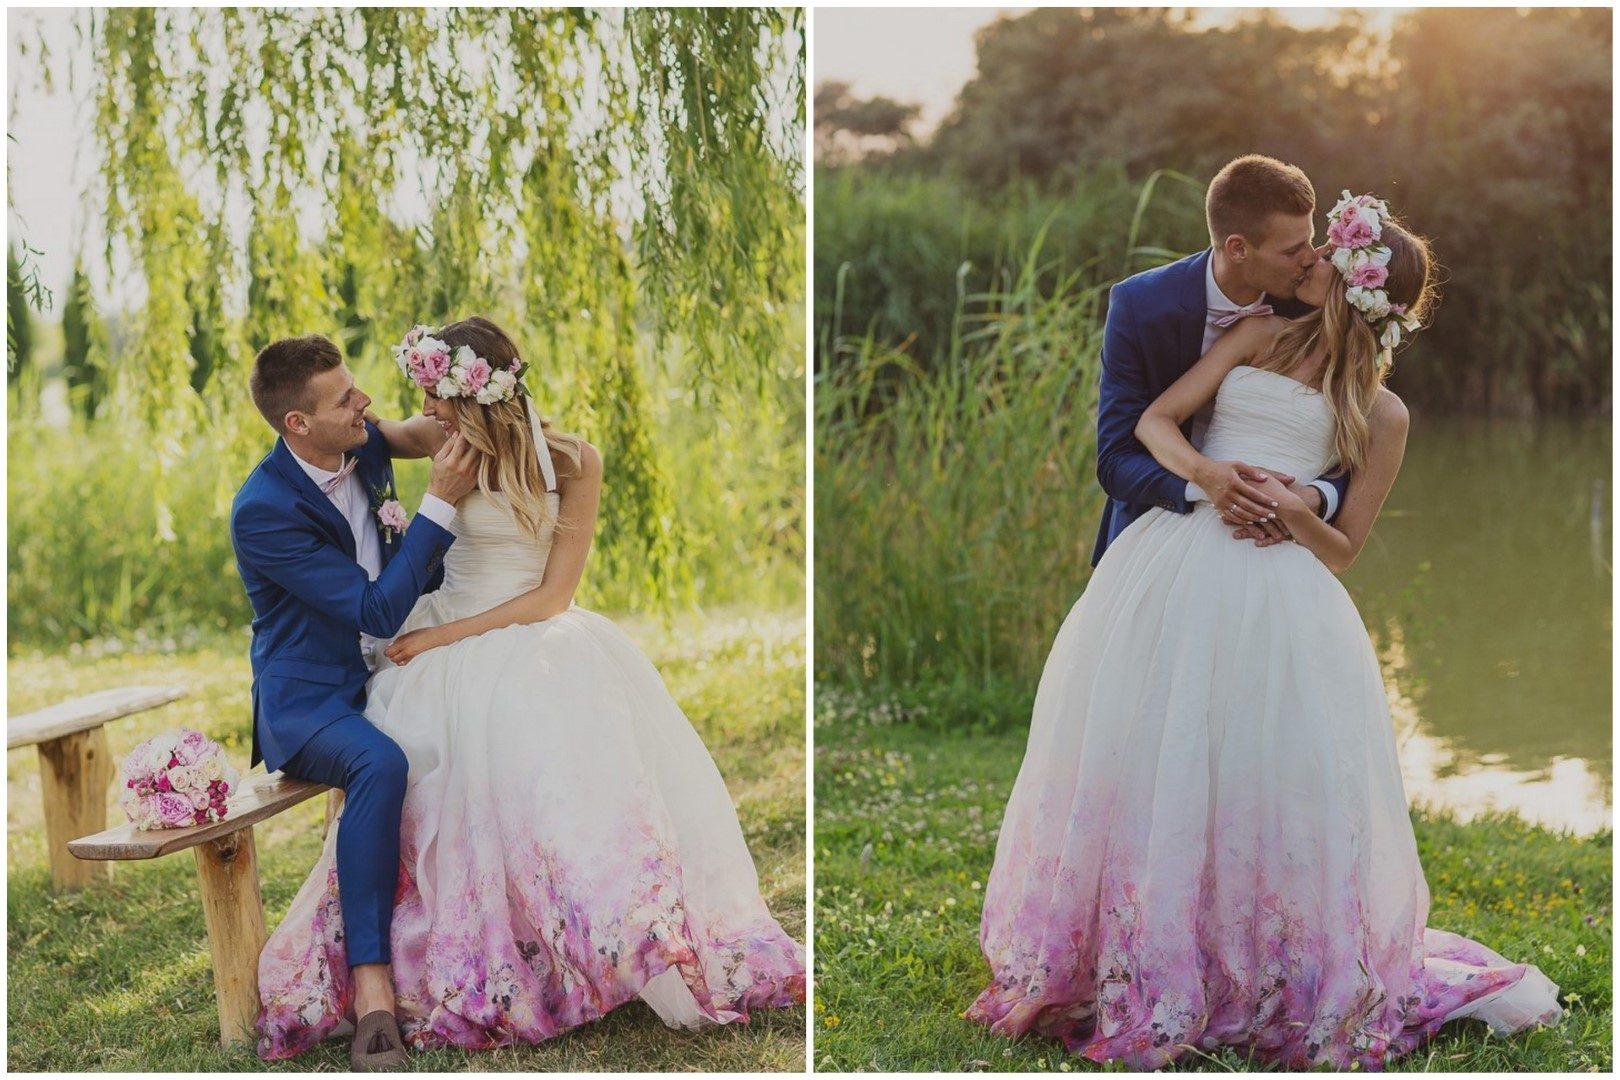 ,kreatív fotózás,kreatív képek,esküvő,valódi esküvő,virágos esküvői ruha,daalarna,daalarna esküvői ruha,virágok,virágkoszorú,tóparti esküvő,